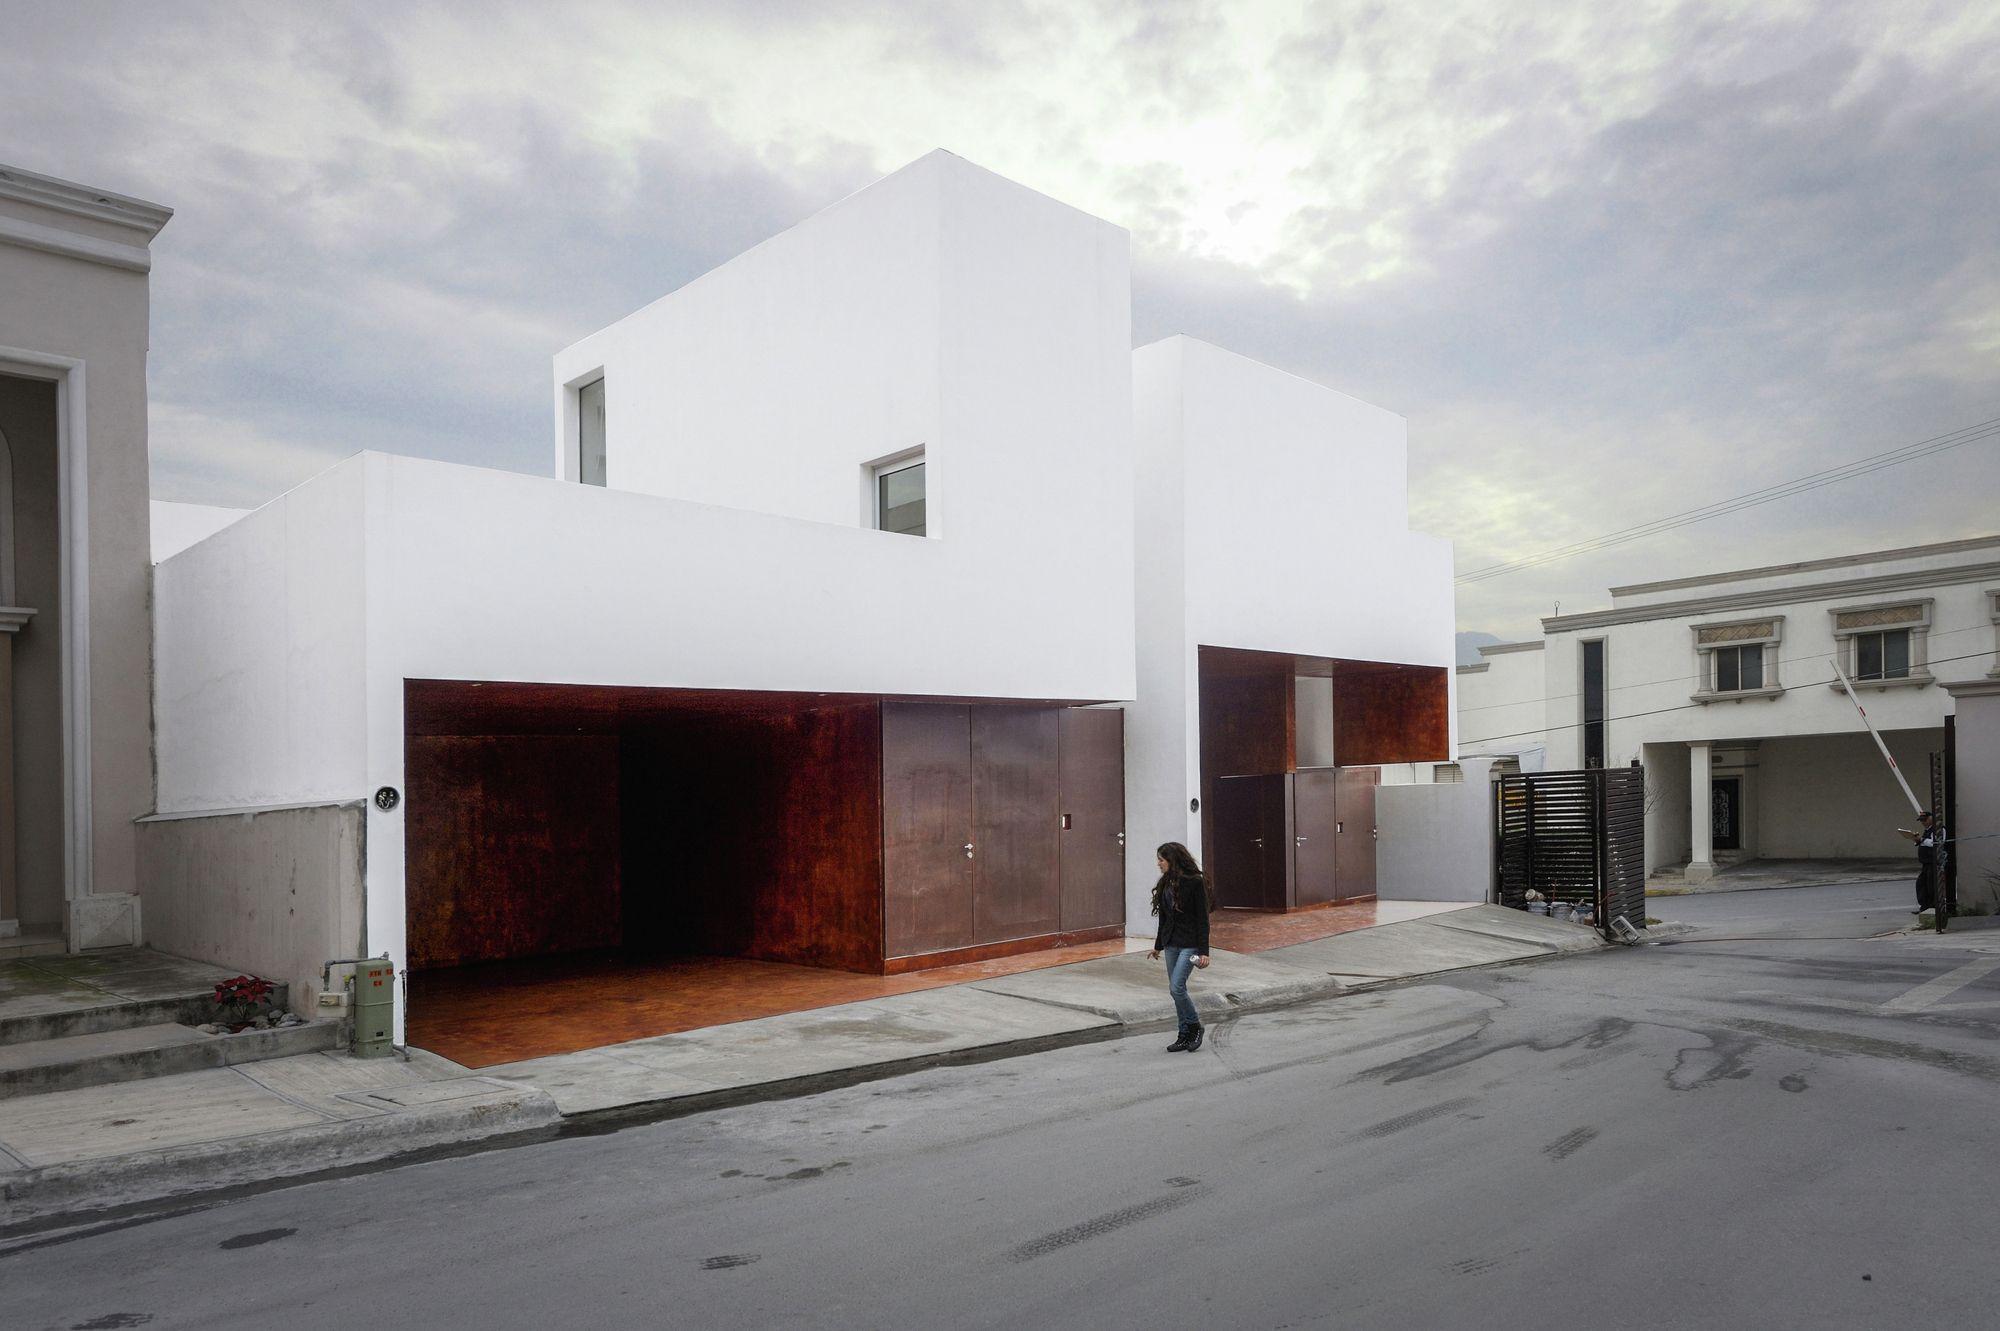 CS é a abreviação de Colinas del Sol, a rua onde um número de casas com fachadas e dimensões semelhantes, comquintais como fonte de luz e...